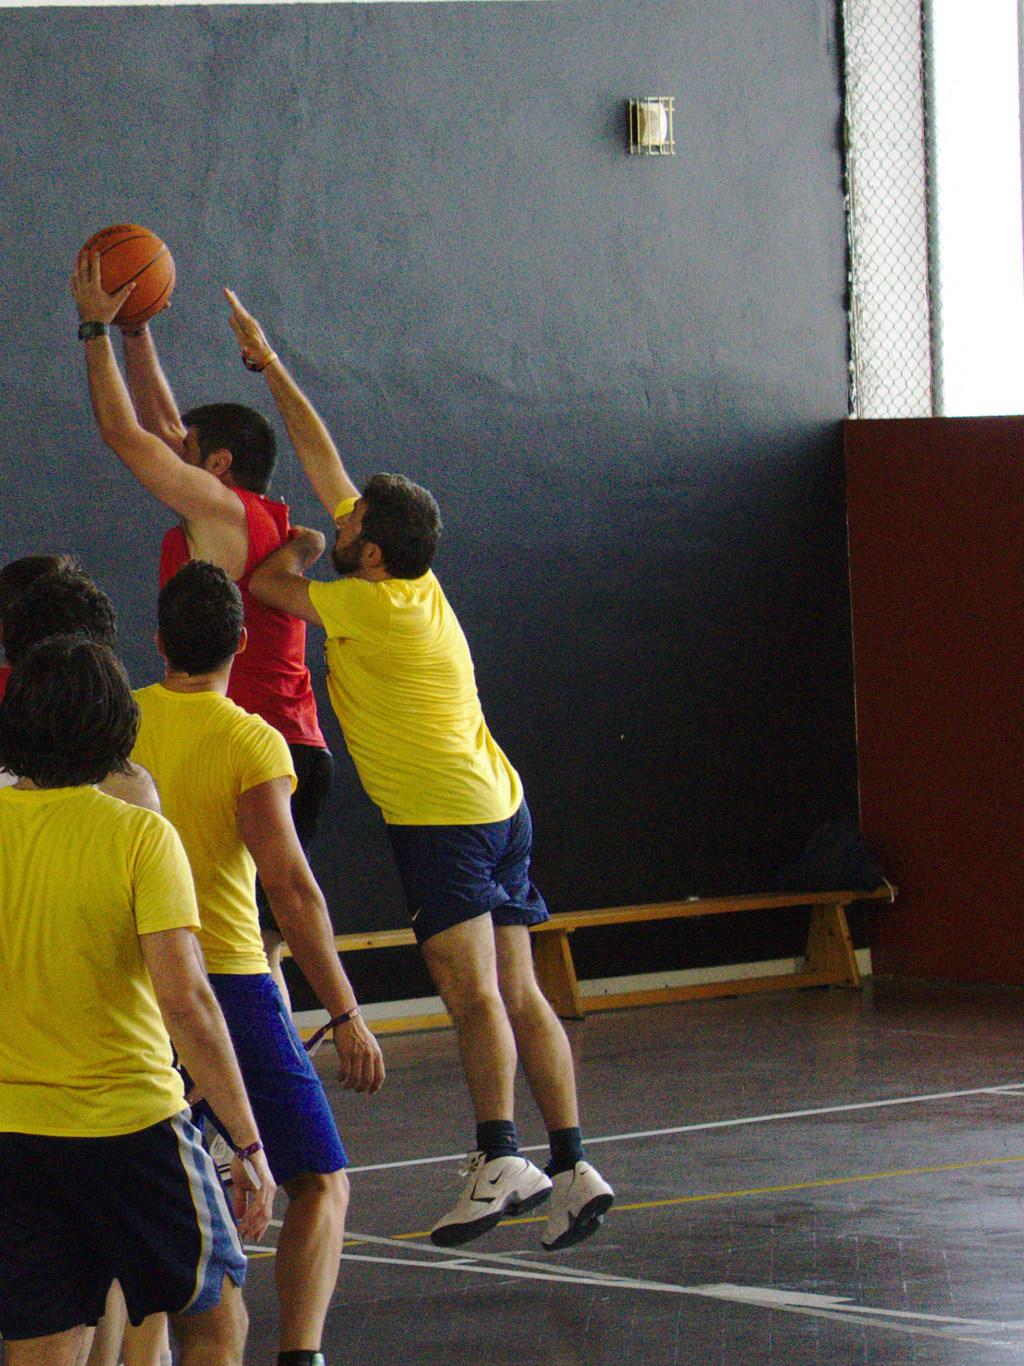 Pachanga De Basket ARF ¡ OTRO AÑO MAS ROCKET CAMPEÓN! - Página 11 Dsc02511